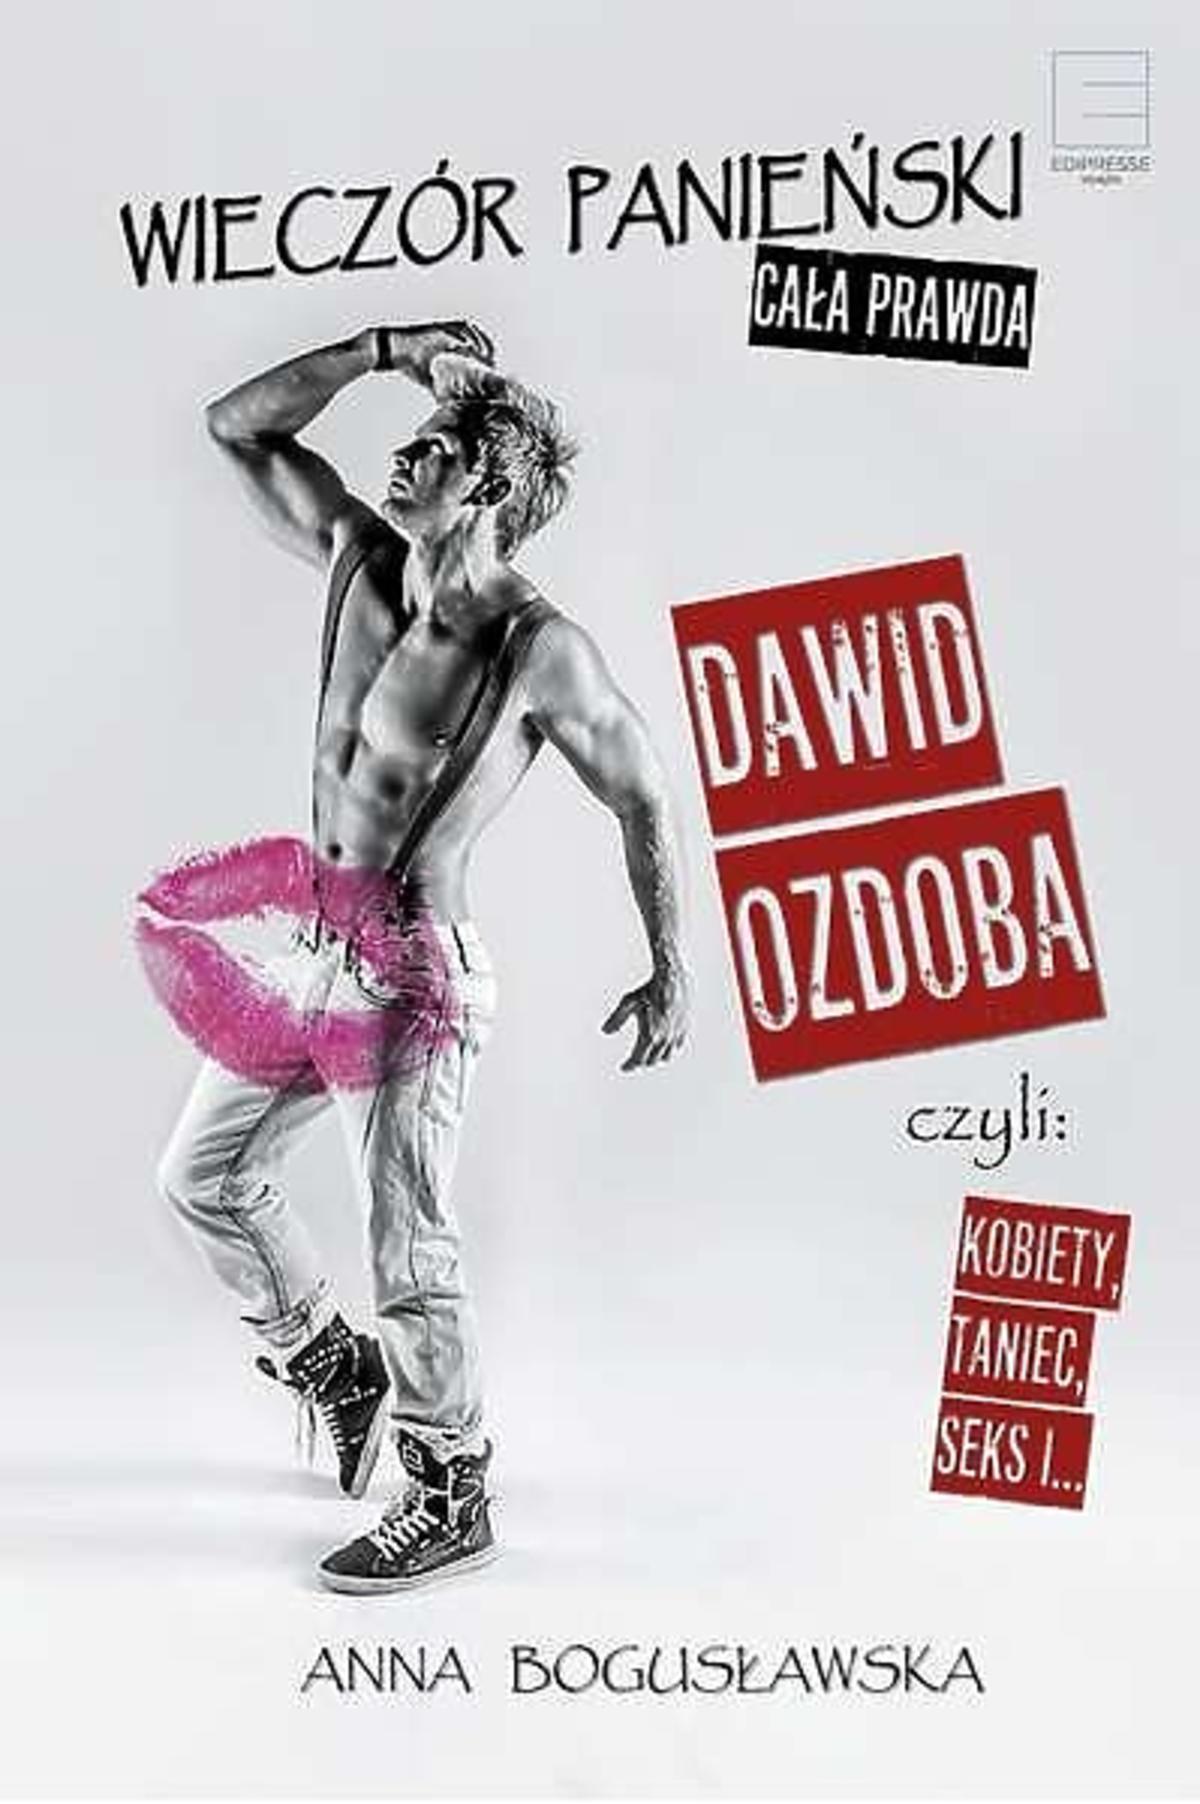 Dawid Ozdoba - okładka książki Wieczór panieński - cała prawda